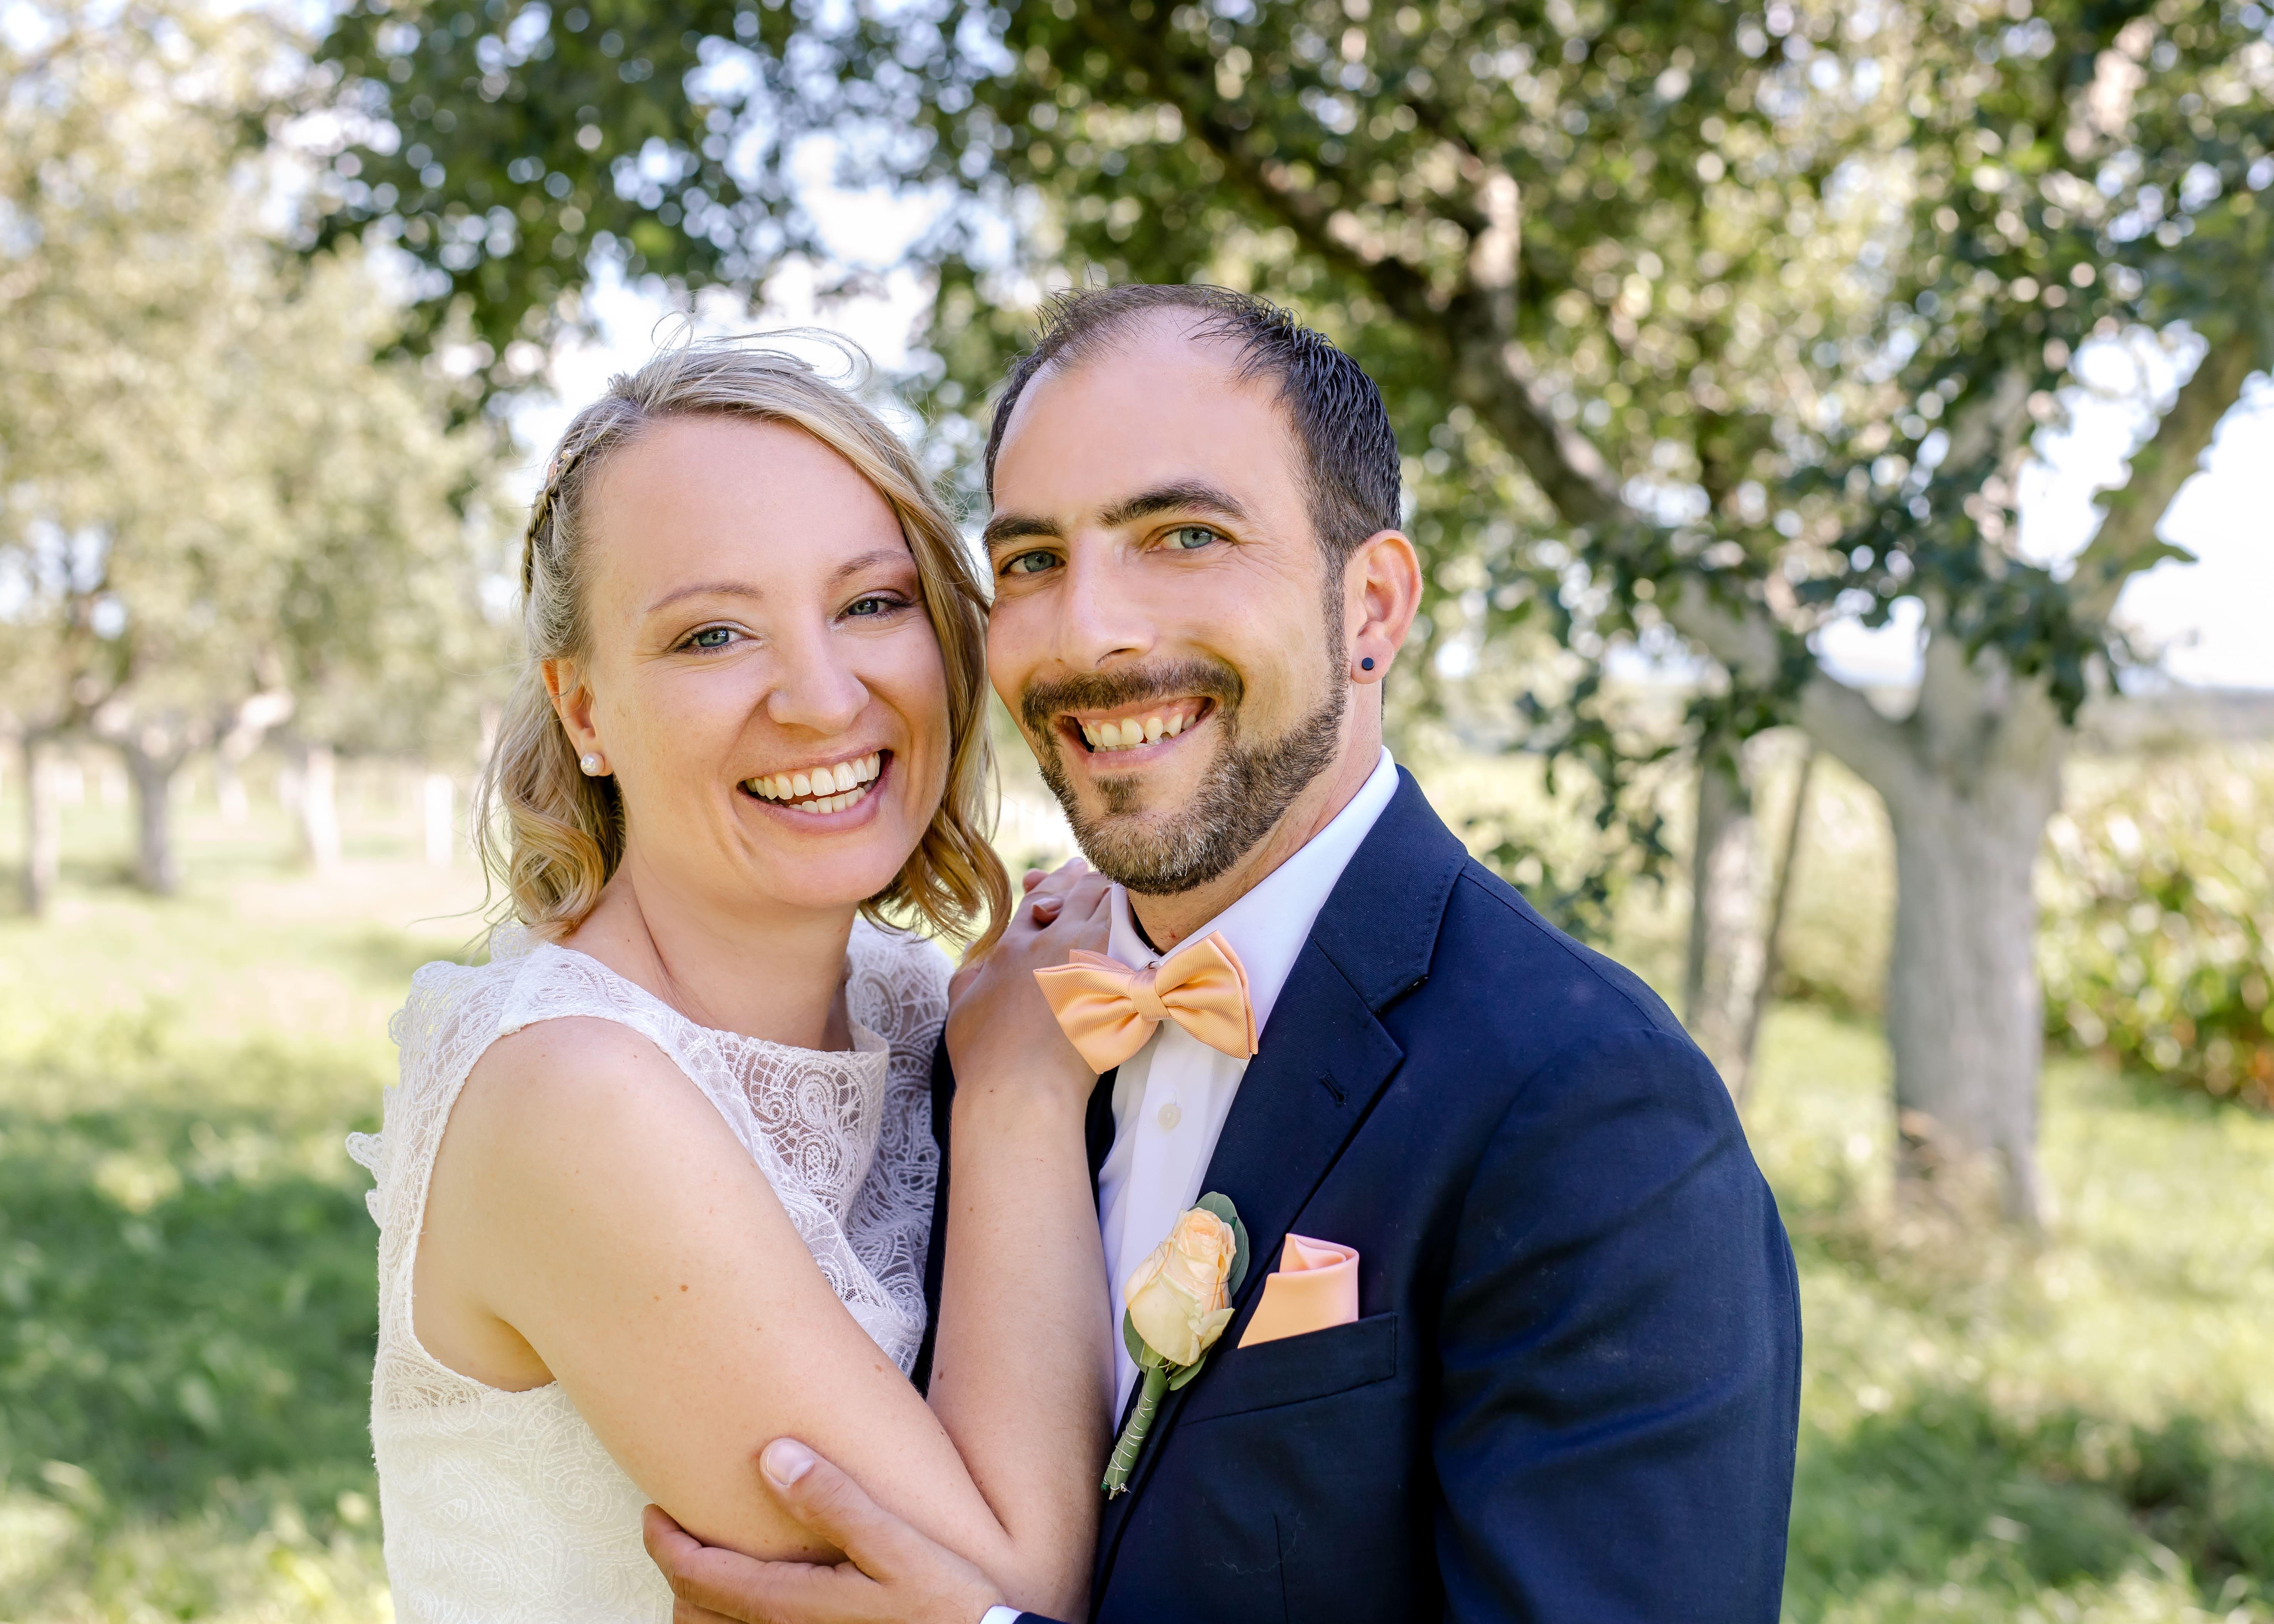 Lifestyle Photodesign Melanie Schmidt Hochzeitsfotografin Merdingen Kaiserstuhl Wedding Standesamt Trauung Heiraten Freiburg 253